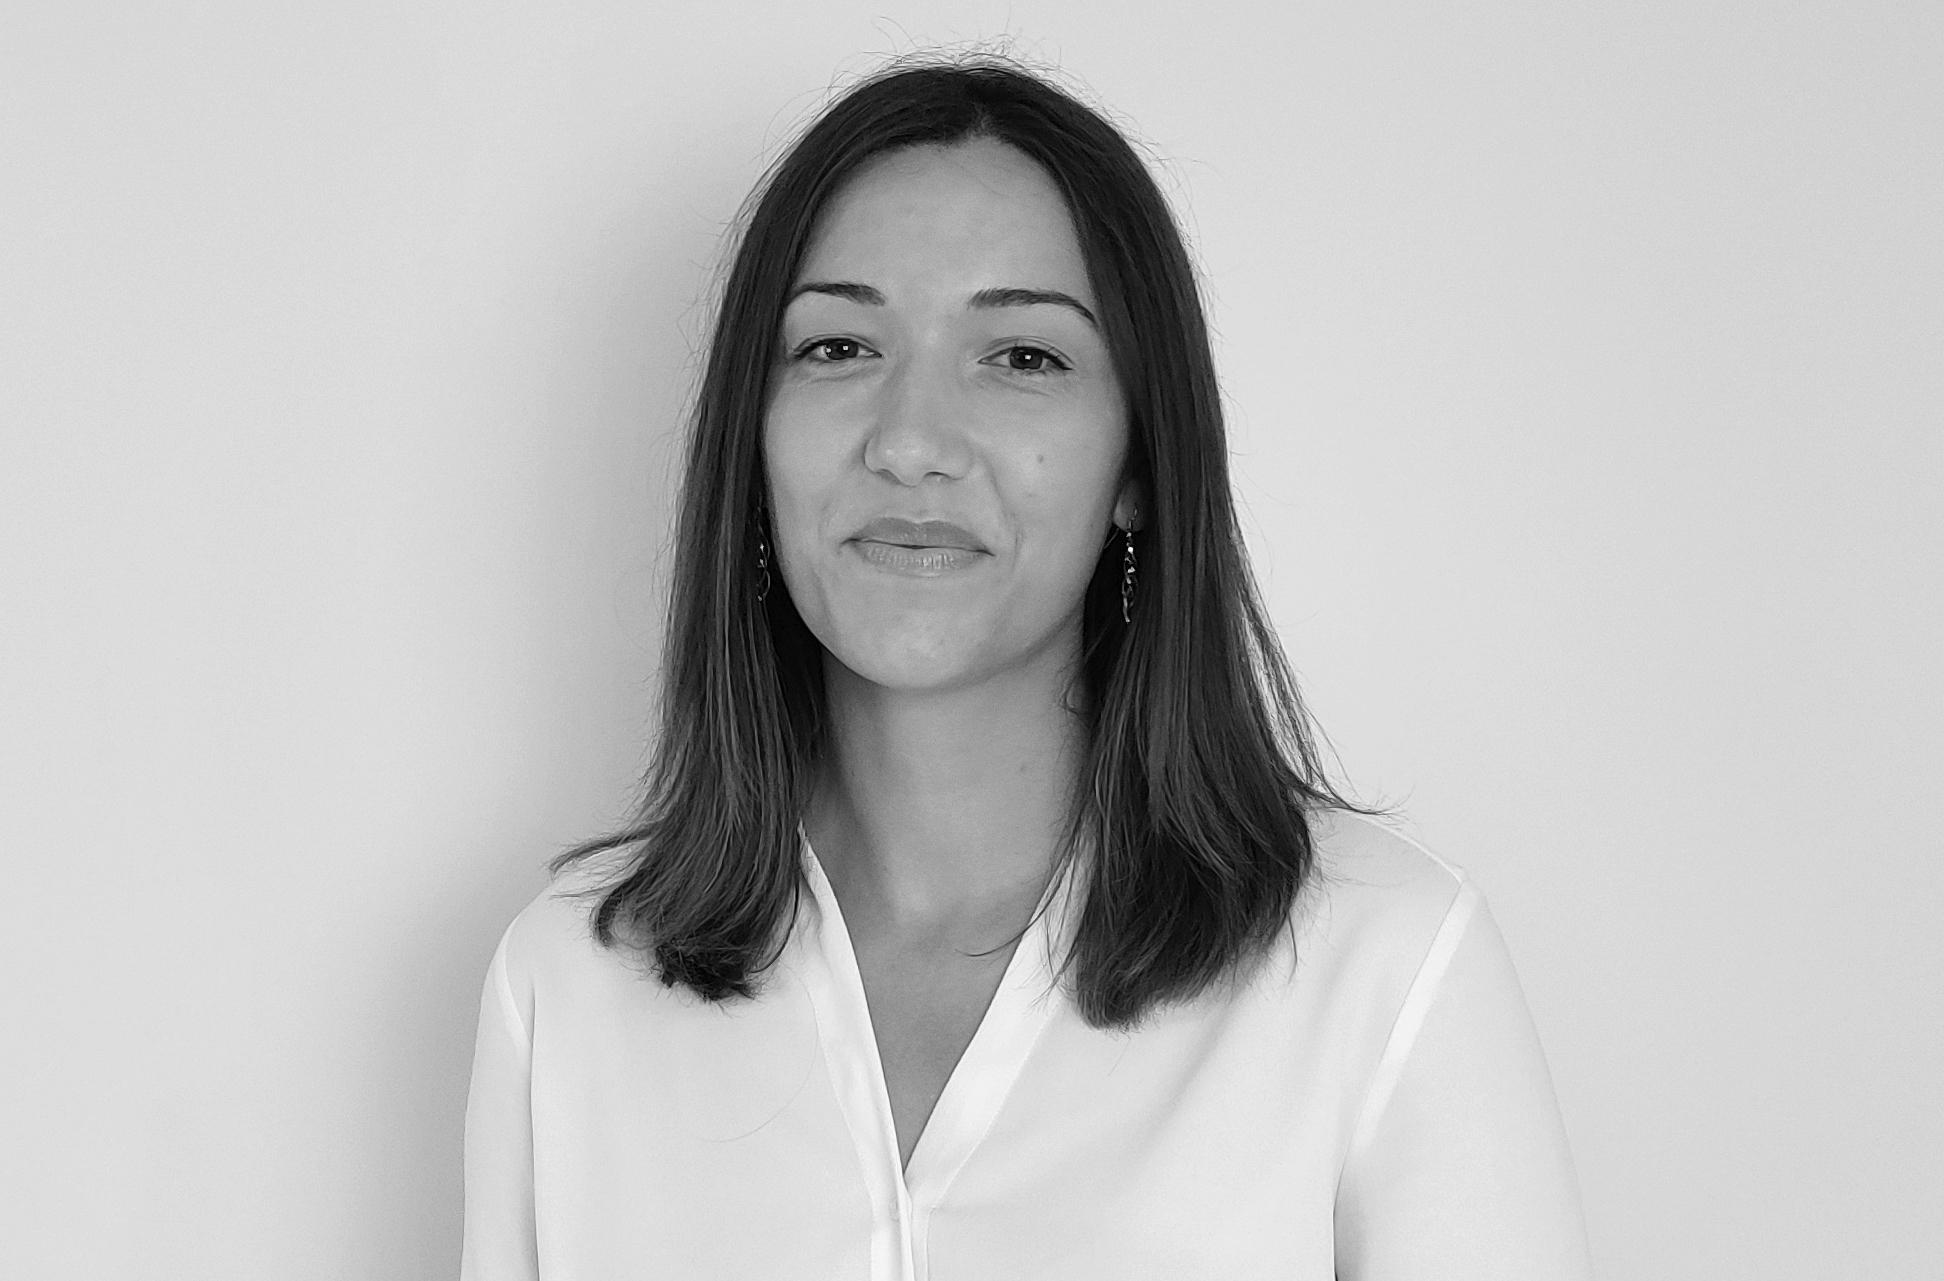 Claudia Adriana Mina